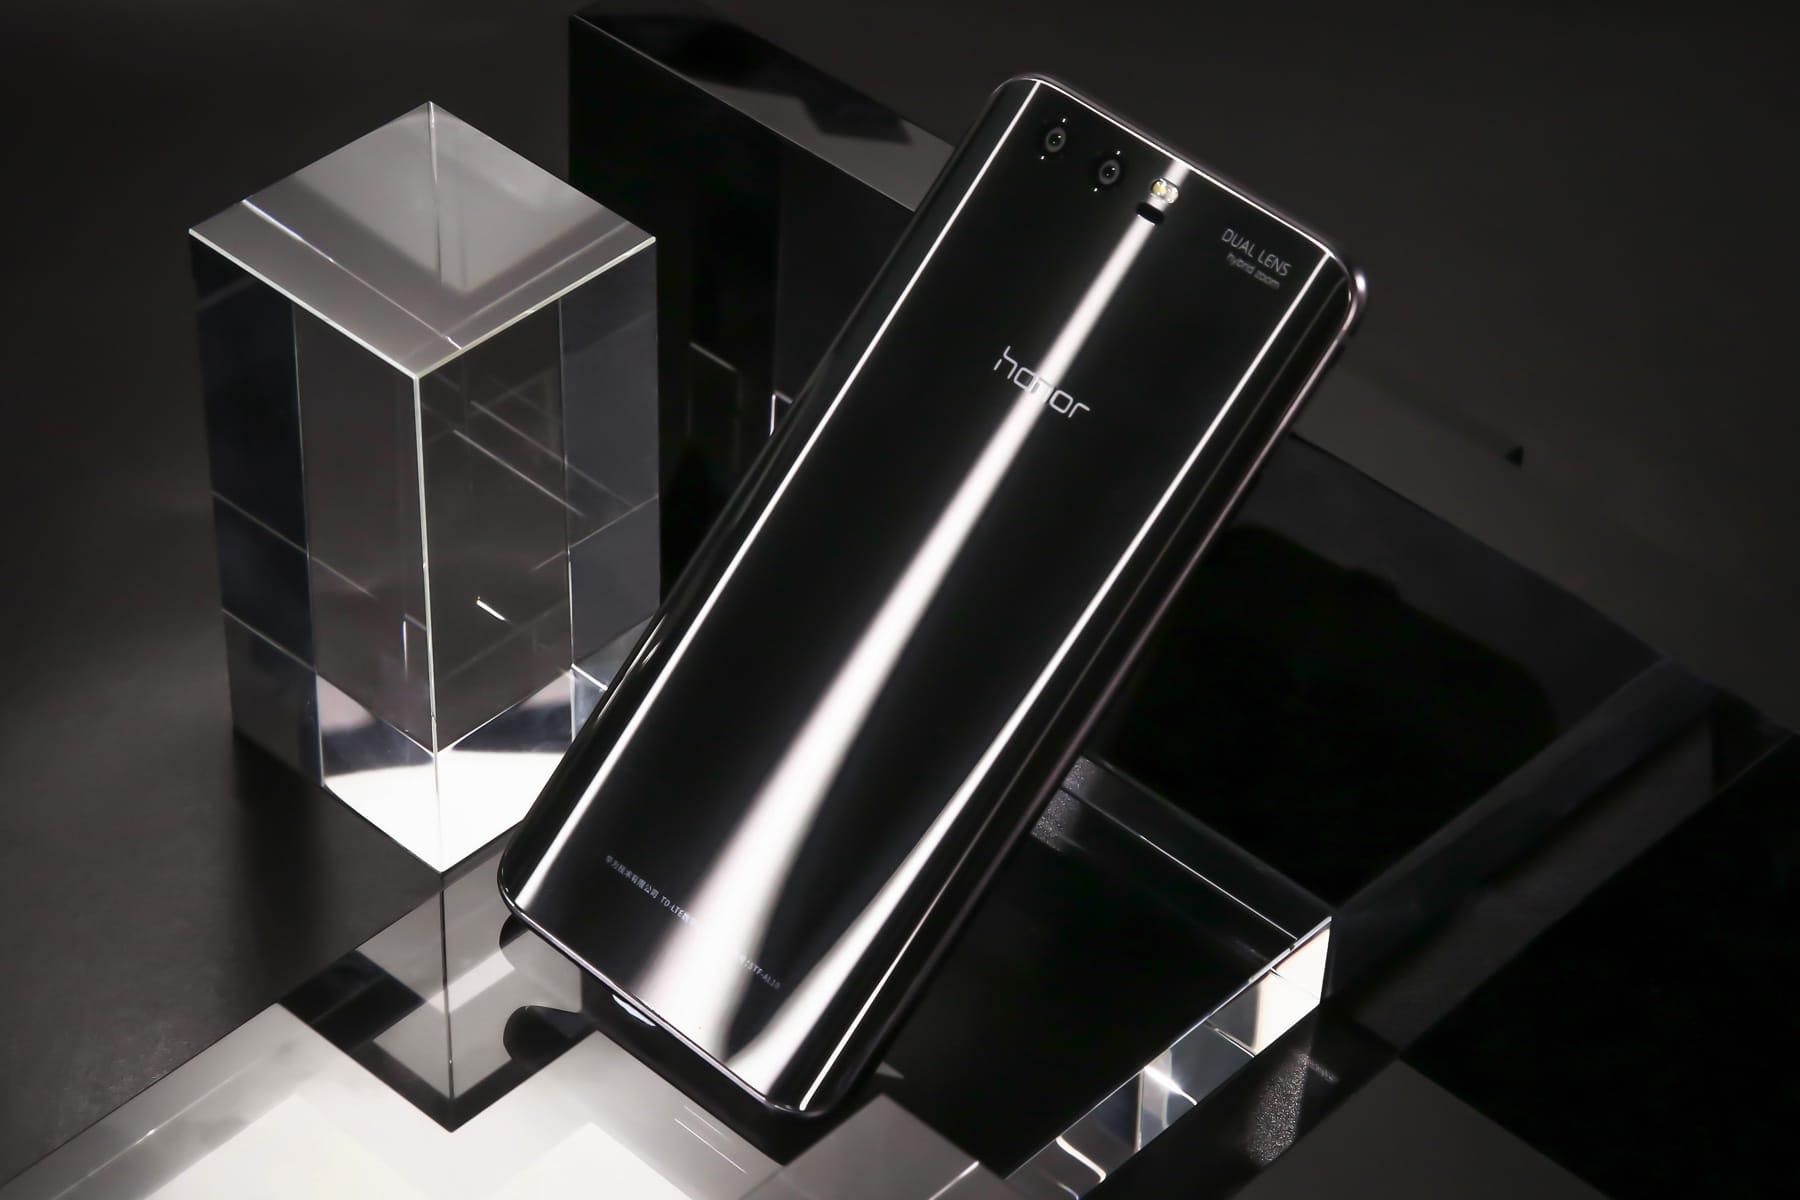 Huawei начала продажи телефона Honor 9 вчерном цвете в Российской Федерации